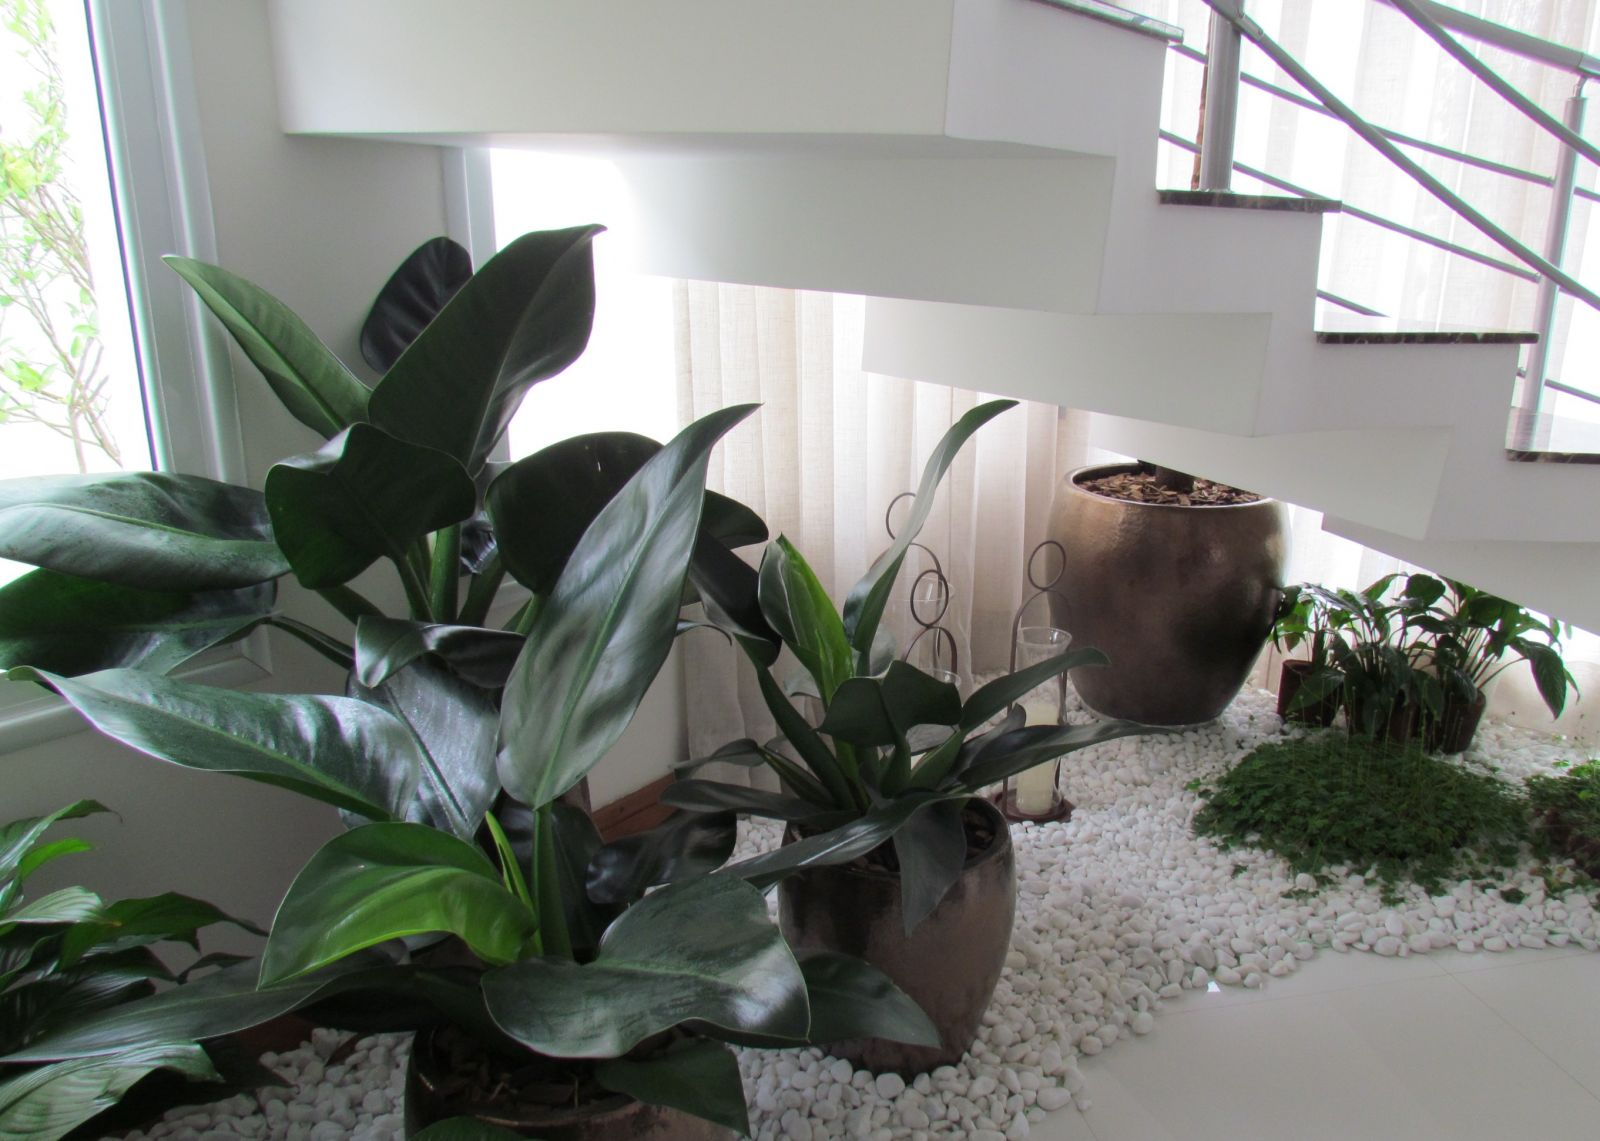 jardim embaixo da escada:Dicas de jardim de inverno embaixo da escada #475E41 1600 1141